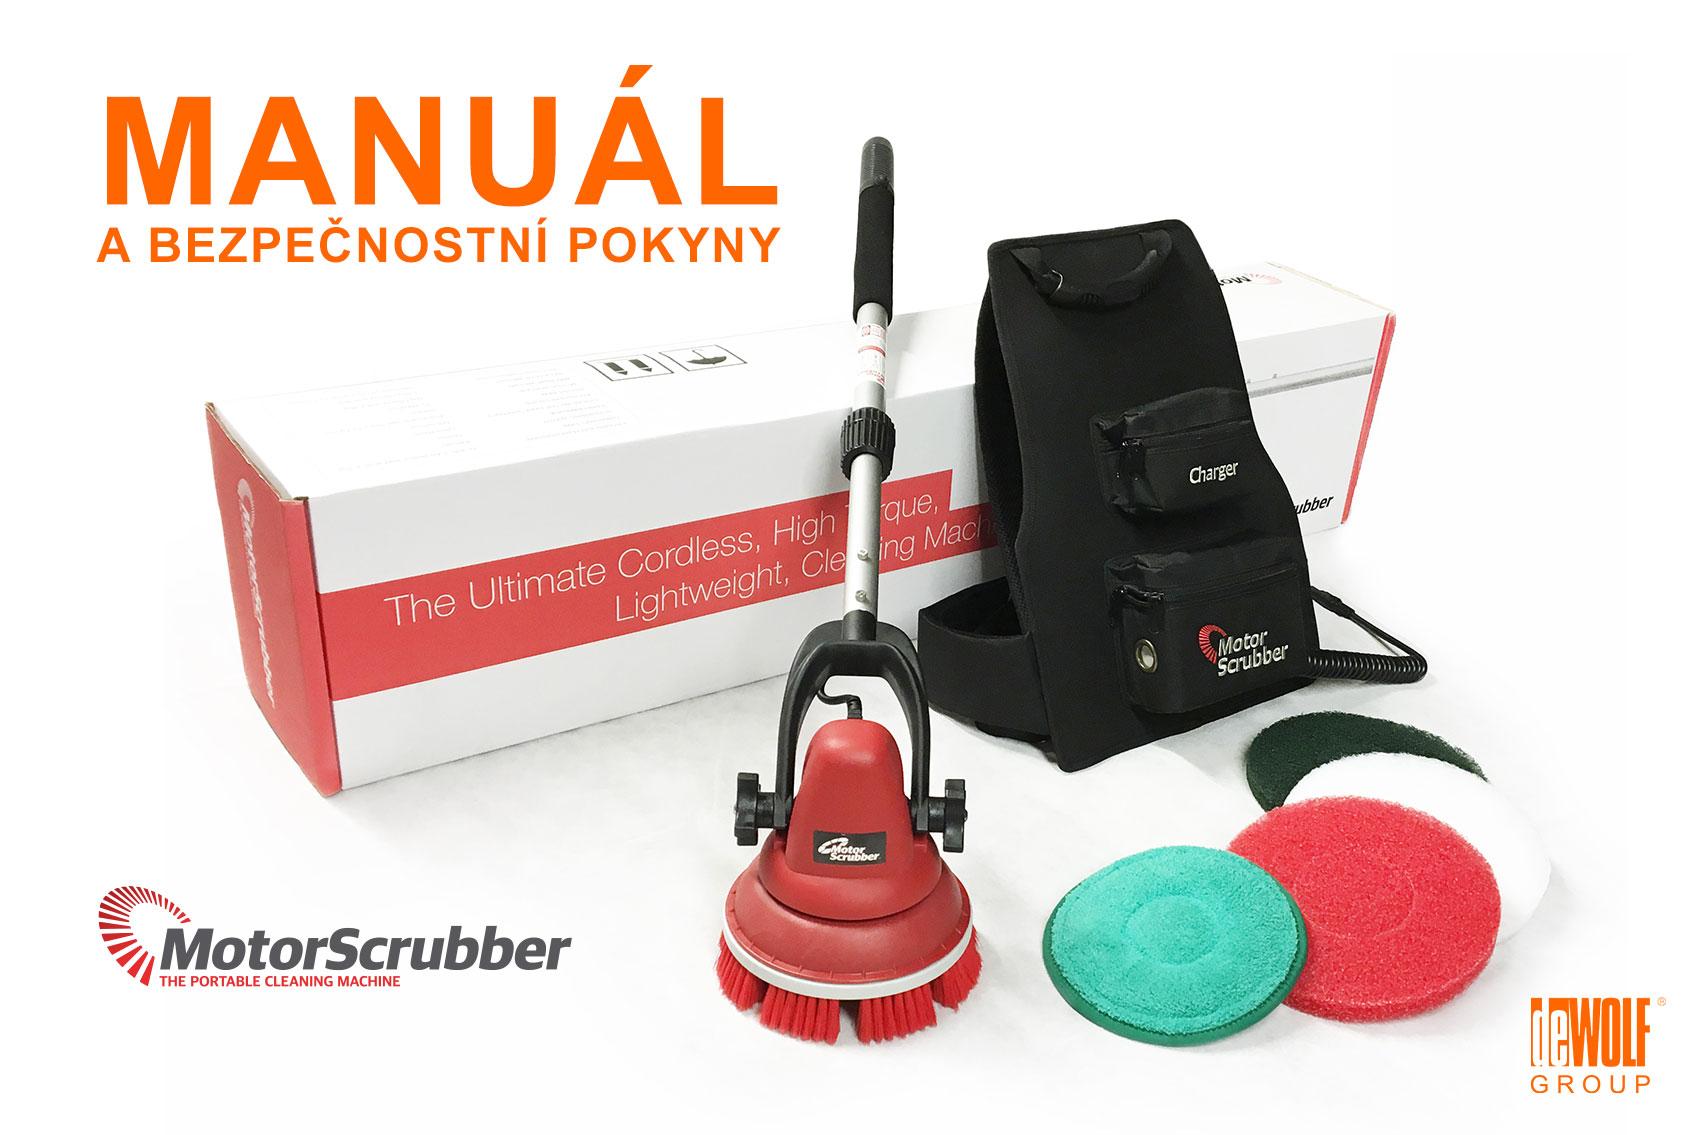 Bezpečnostní pokyny a manuál pro jednokotoučový podlahový stroj MotorScrubber